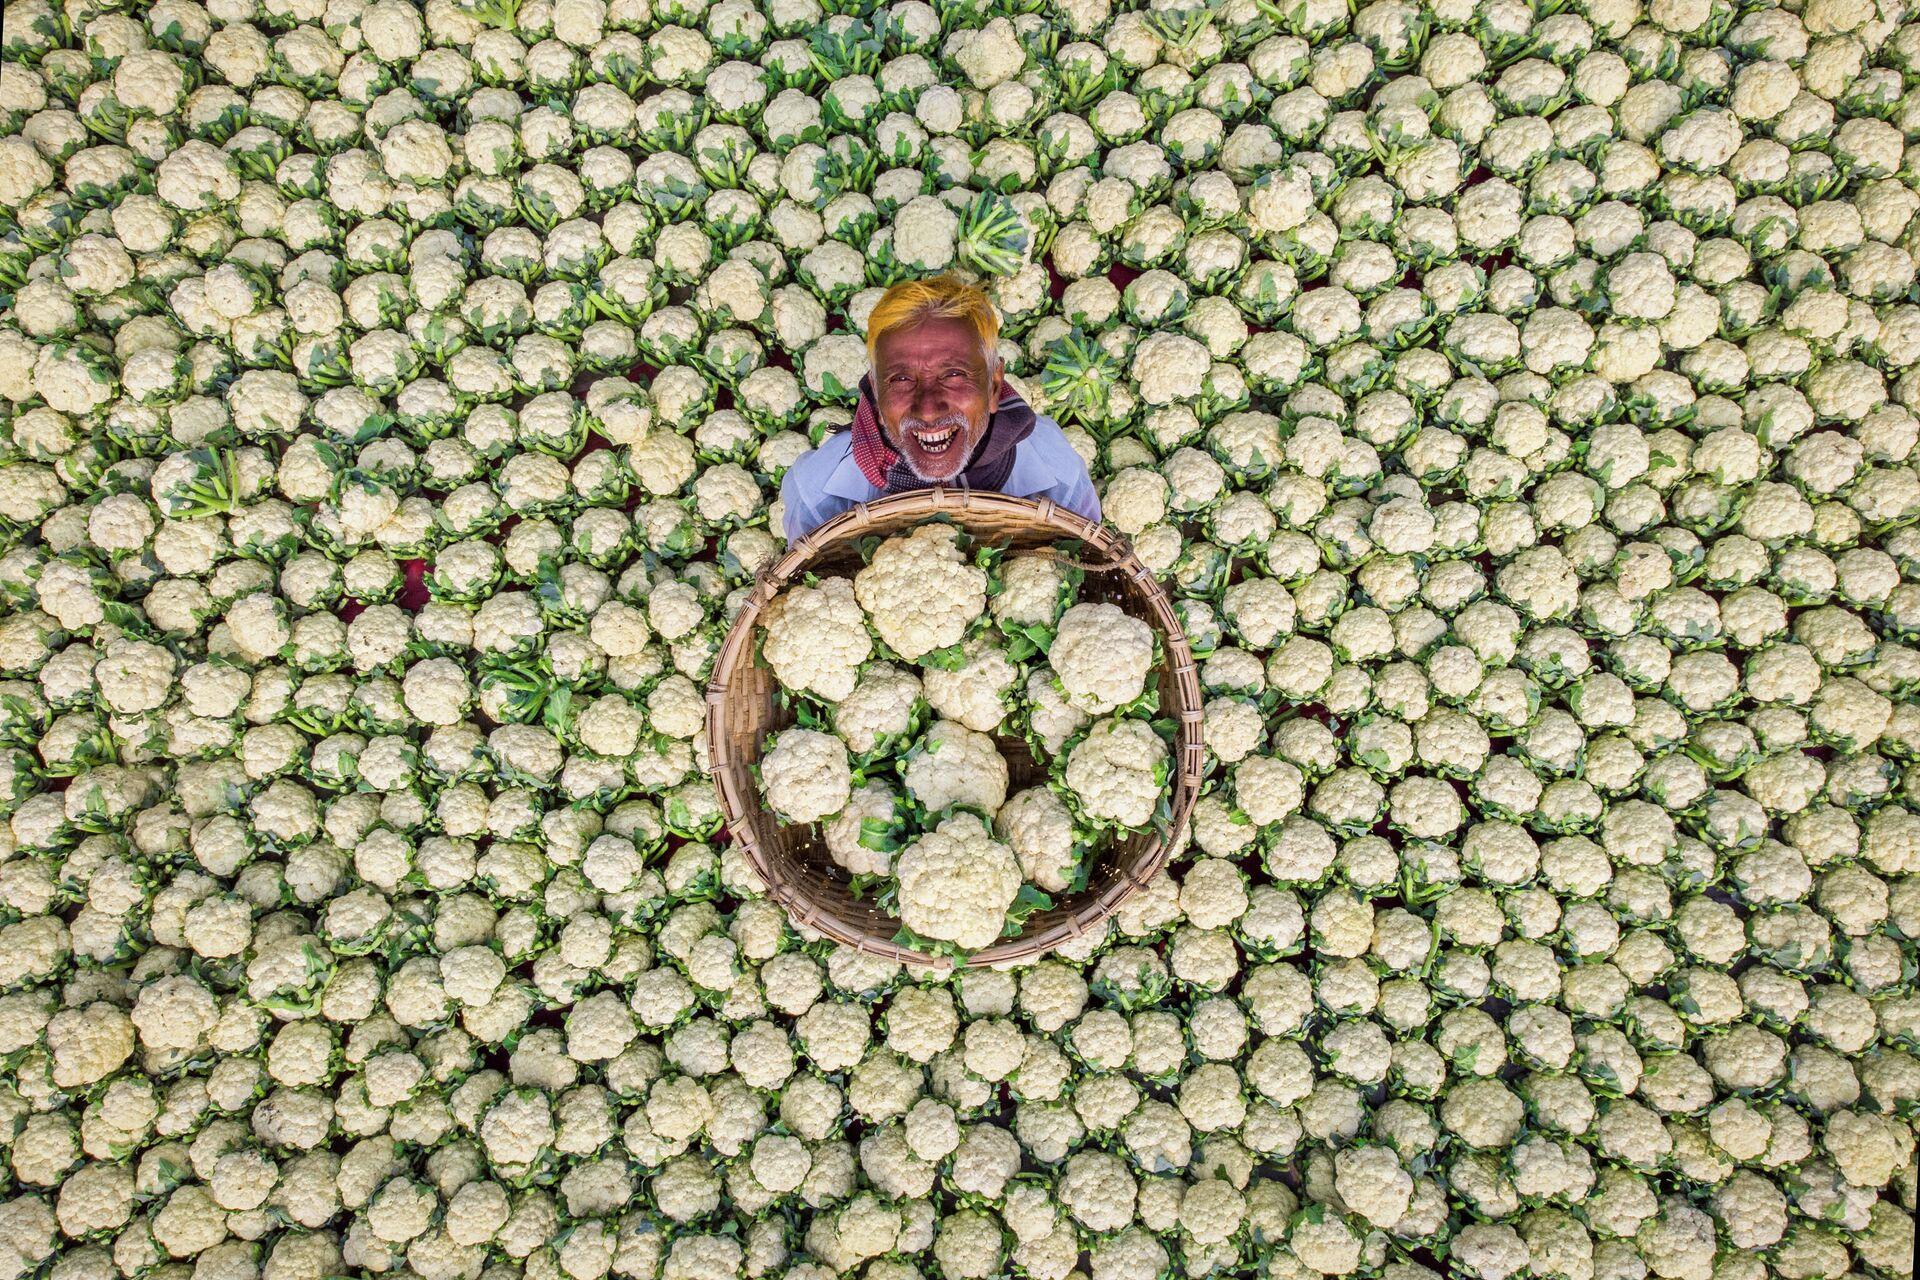 Bức ảnh của Rafid Yasar từ Bangladesh Happy Farmer, giành chiến thắng sau kết quả bỏ phiếu trực tuyến của Cuộc thi Báo ảnh quốc tế Stenin - Sputnik Việt Nam, 1920, 05.10.2021